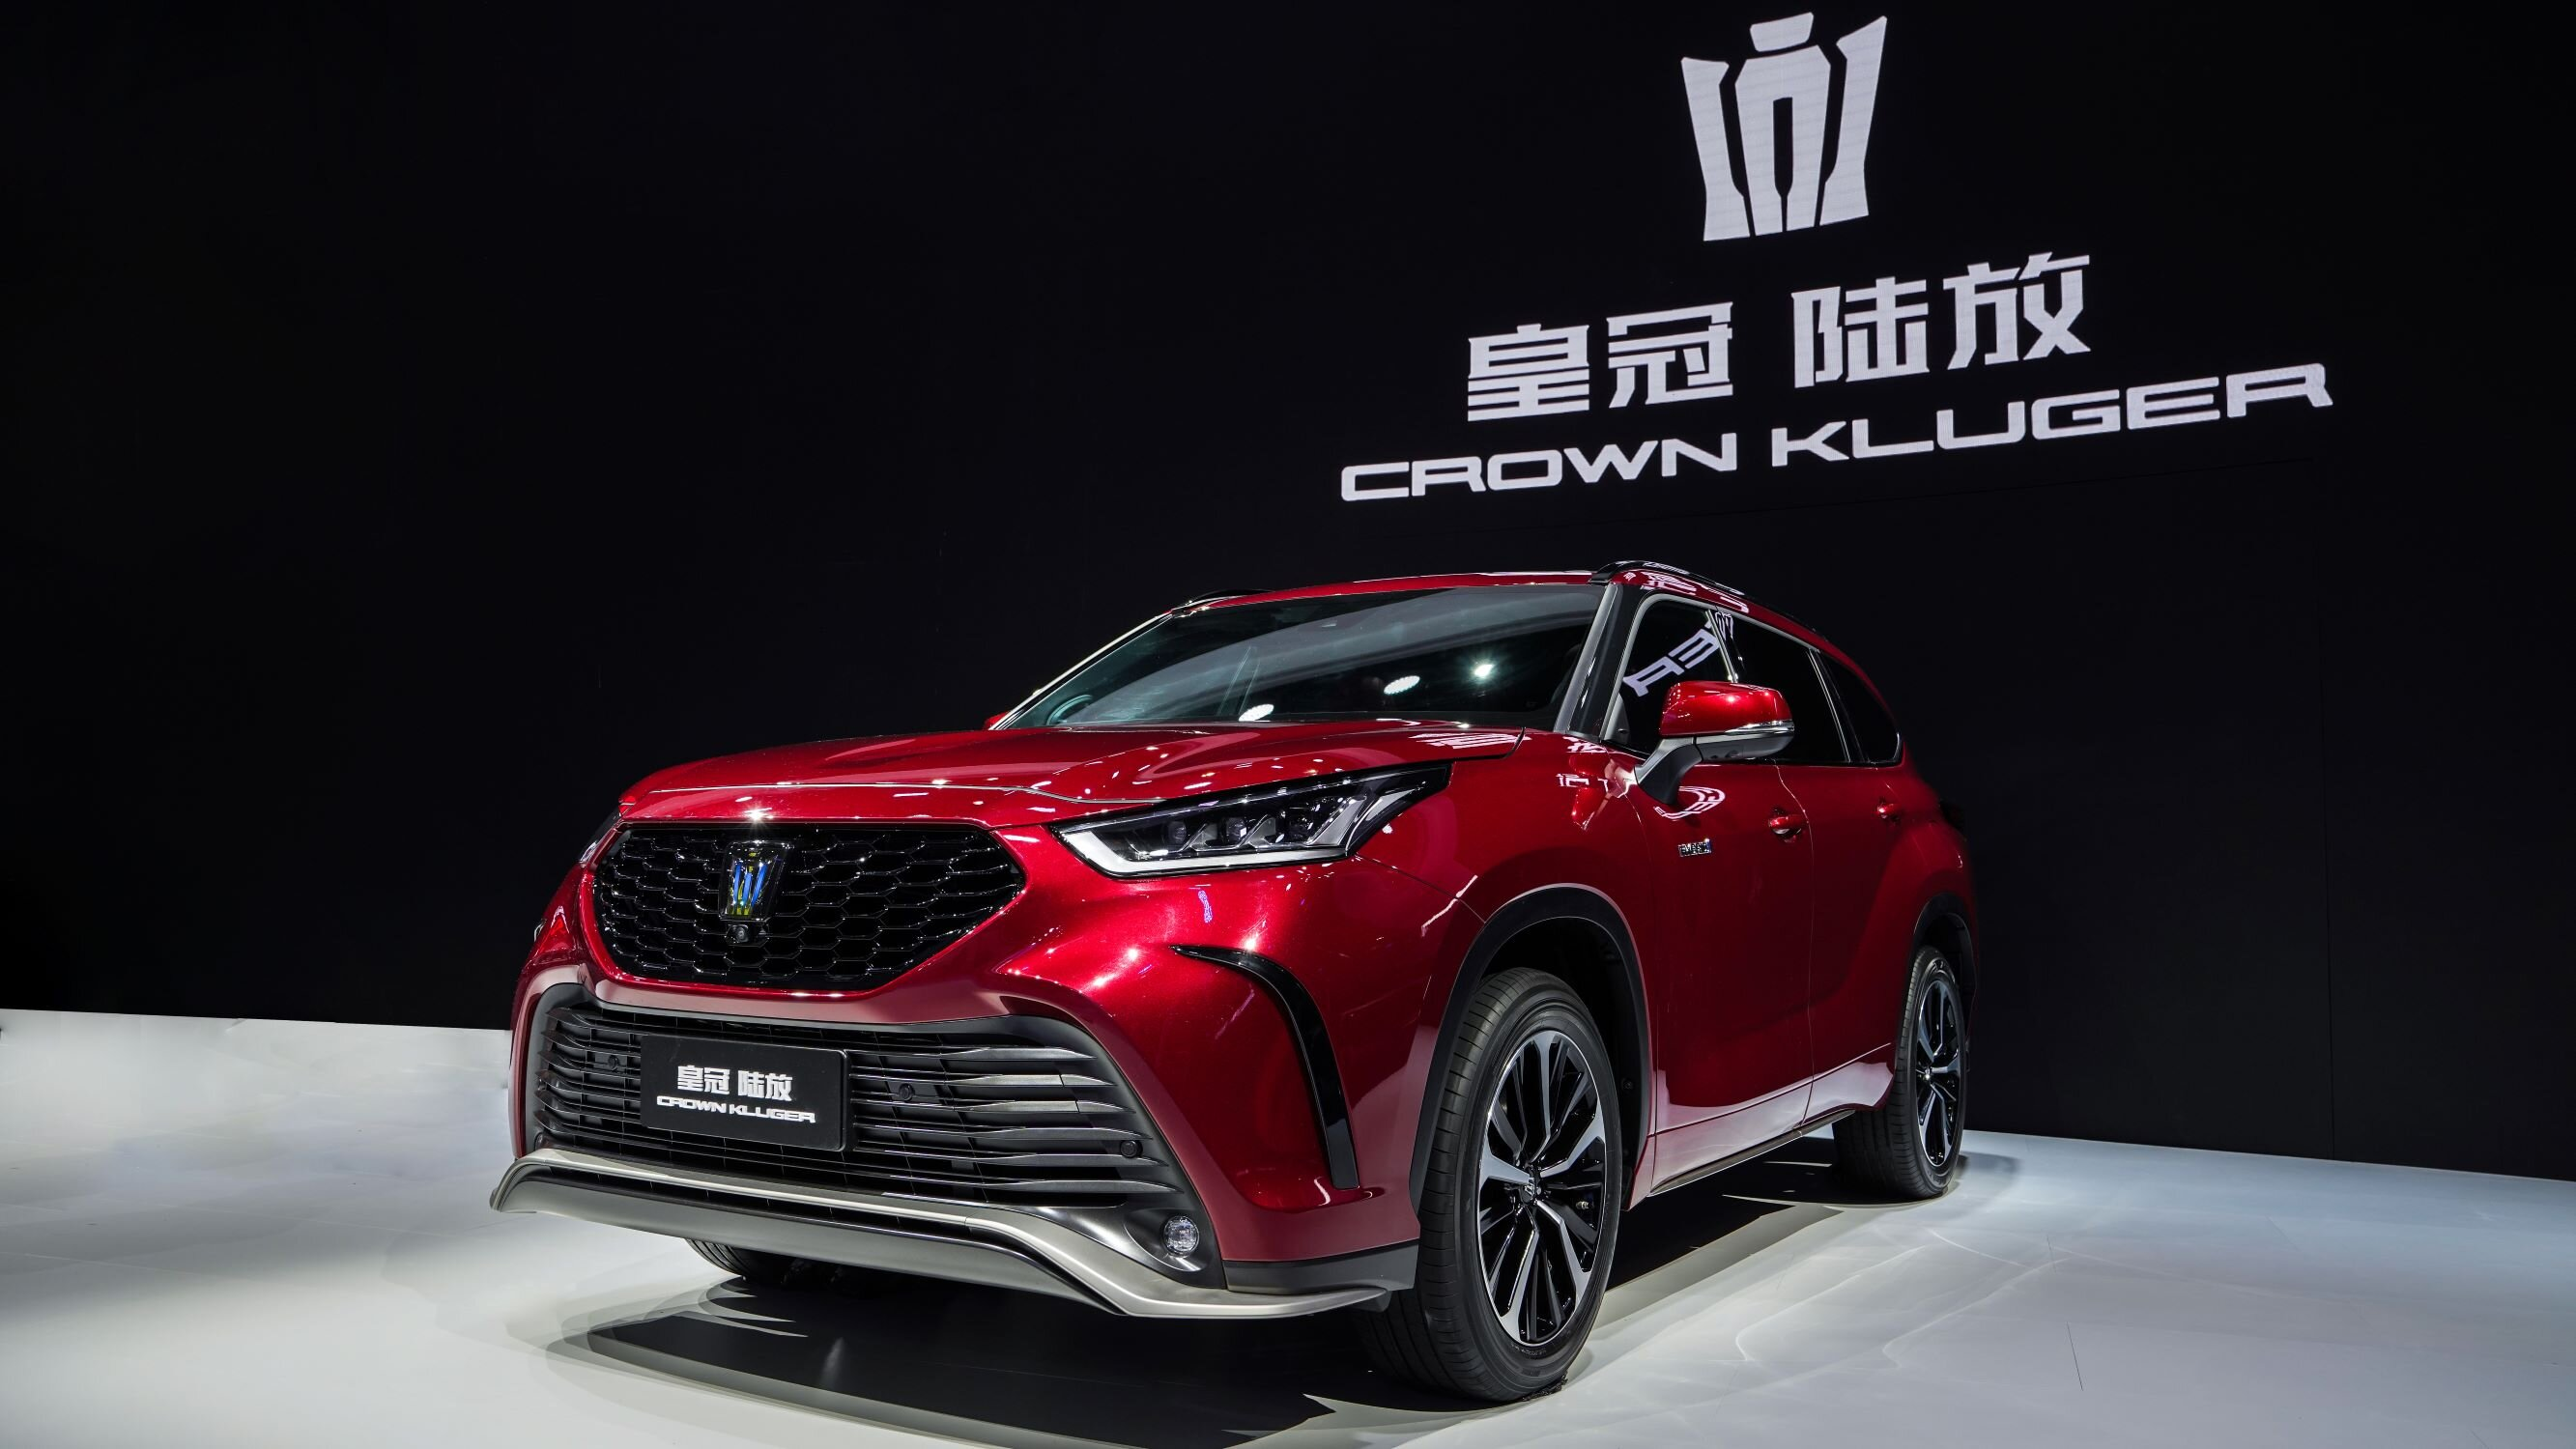 Cận cảnh Toyota Crown phiên bản SUV tại triển lãm Thượng Hải 2021 toyota-crown-kluger-2.jpg